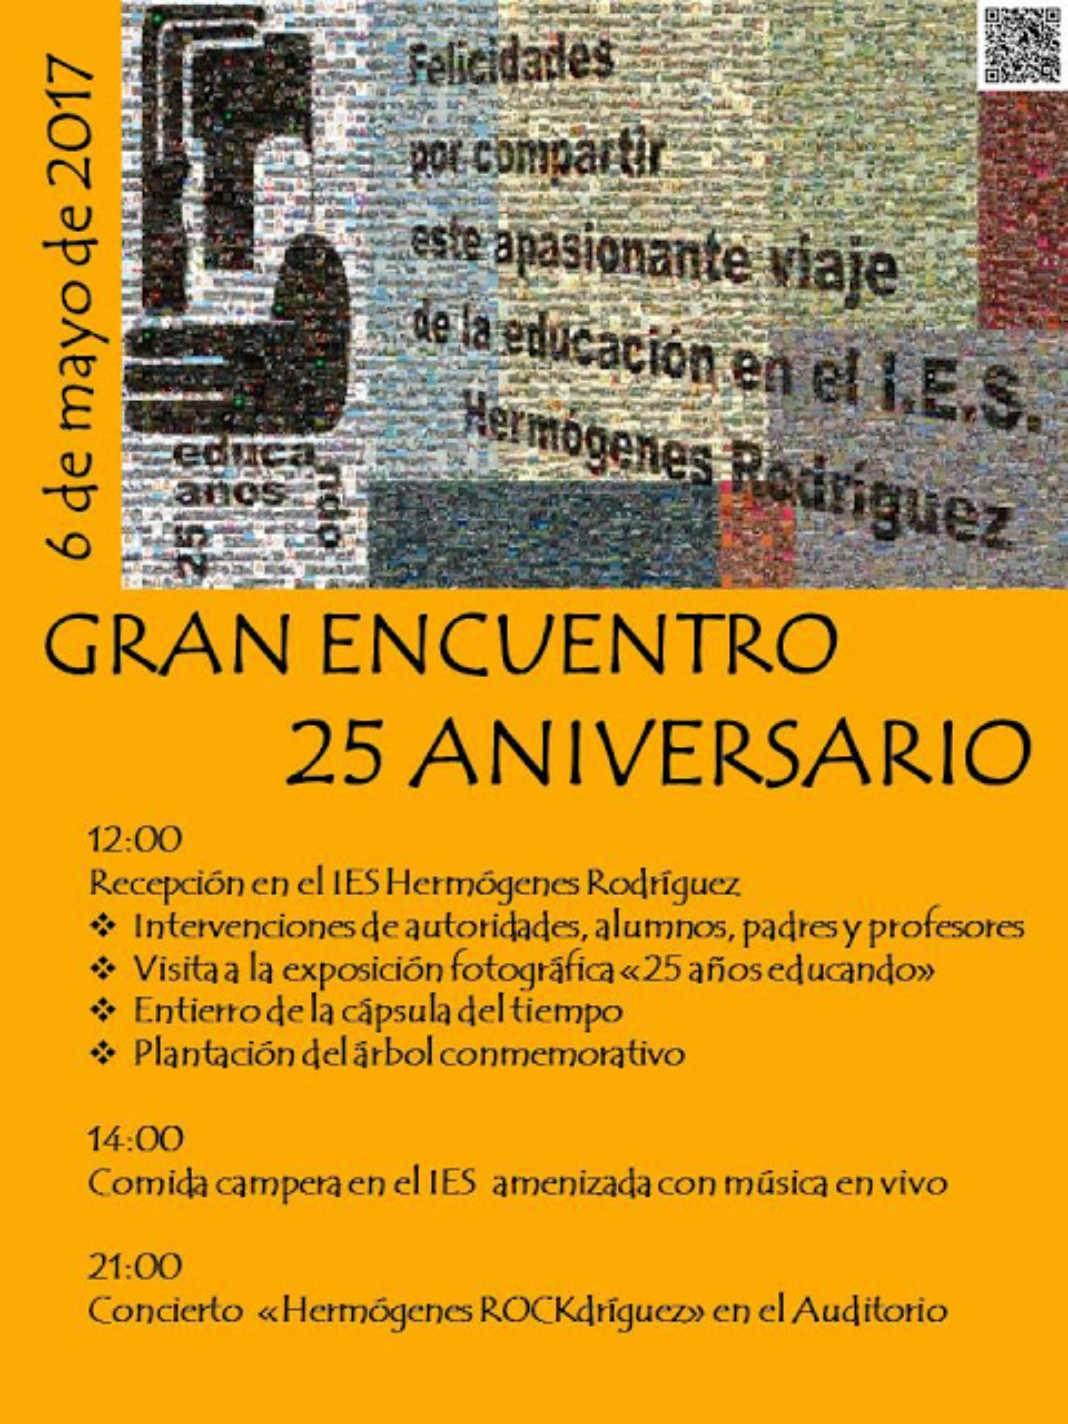 """El 6 de mayo """"Gran Encuentro"""" 25 Aniversario del I.E.S. Hermógenes Rodríguez 2"""